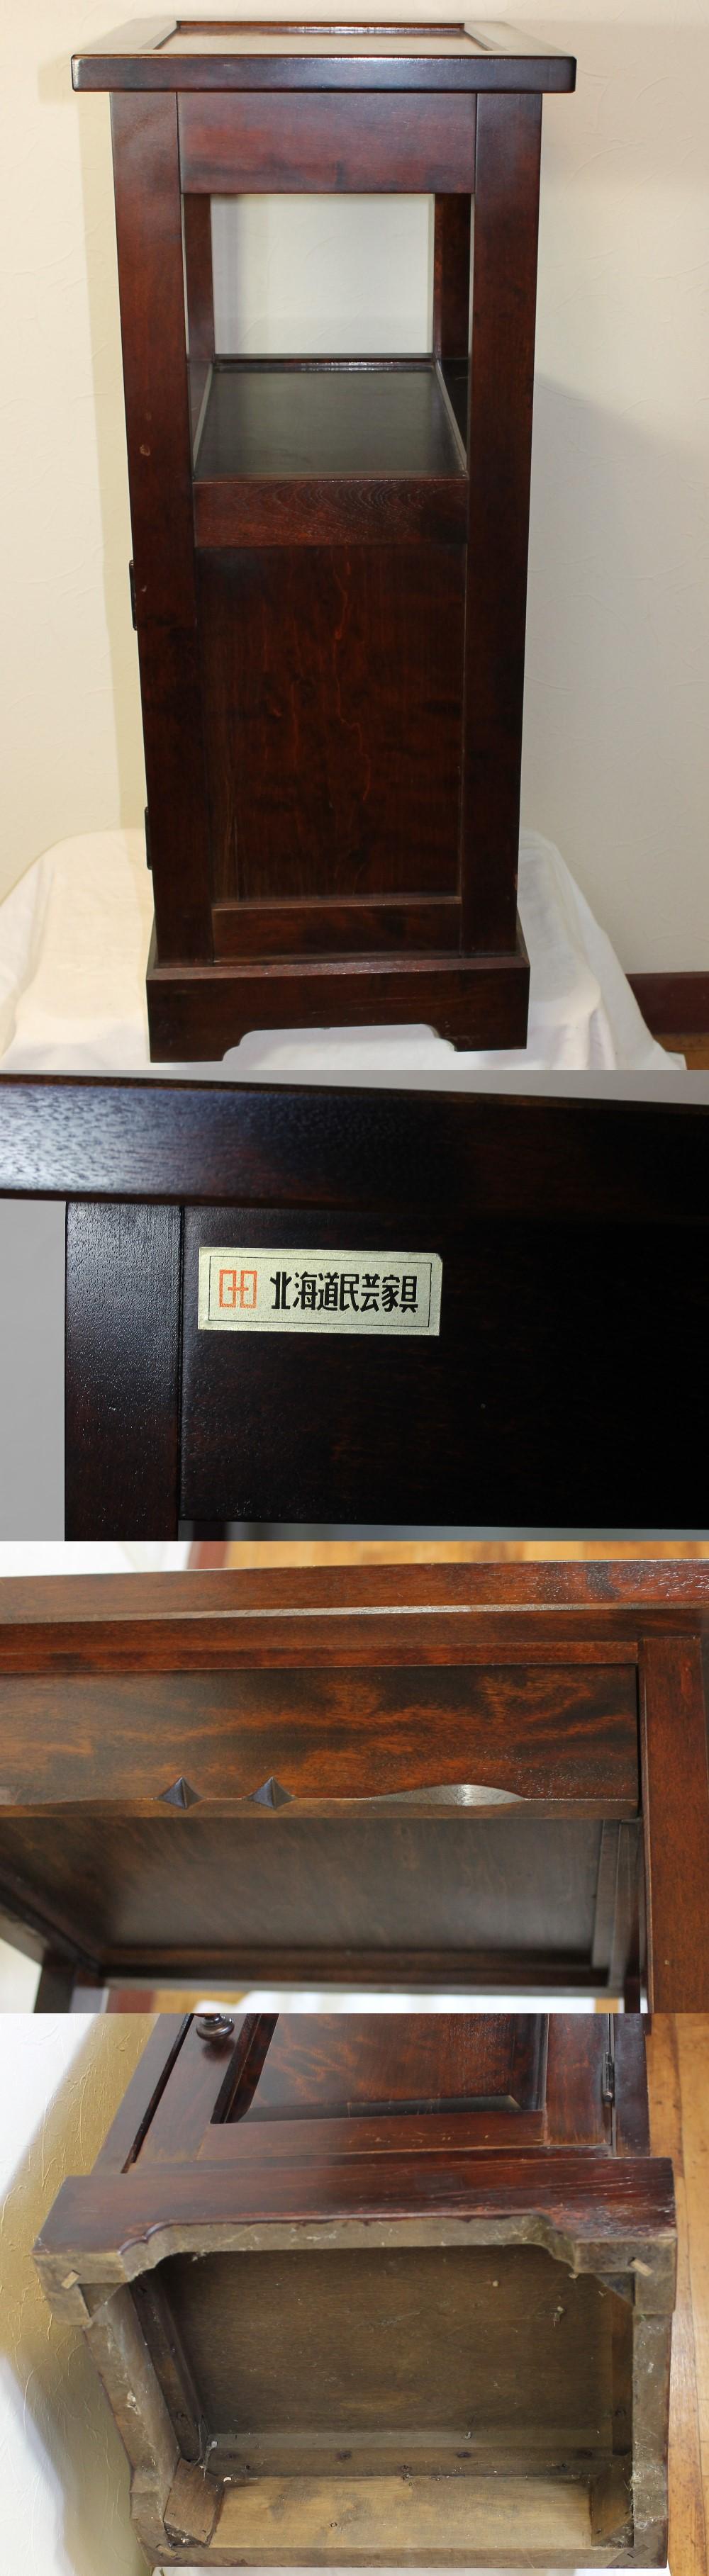 194北海道家具電話台4